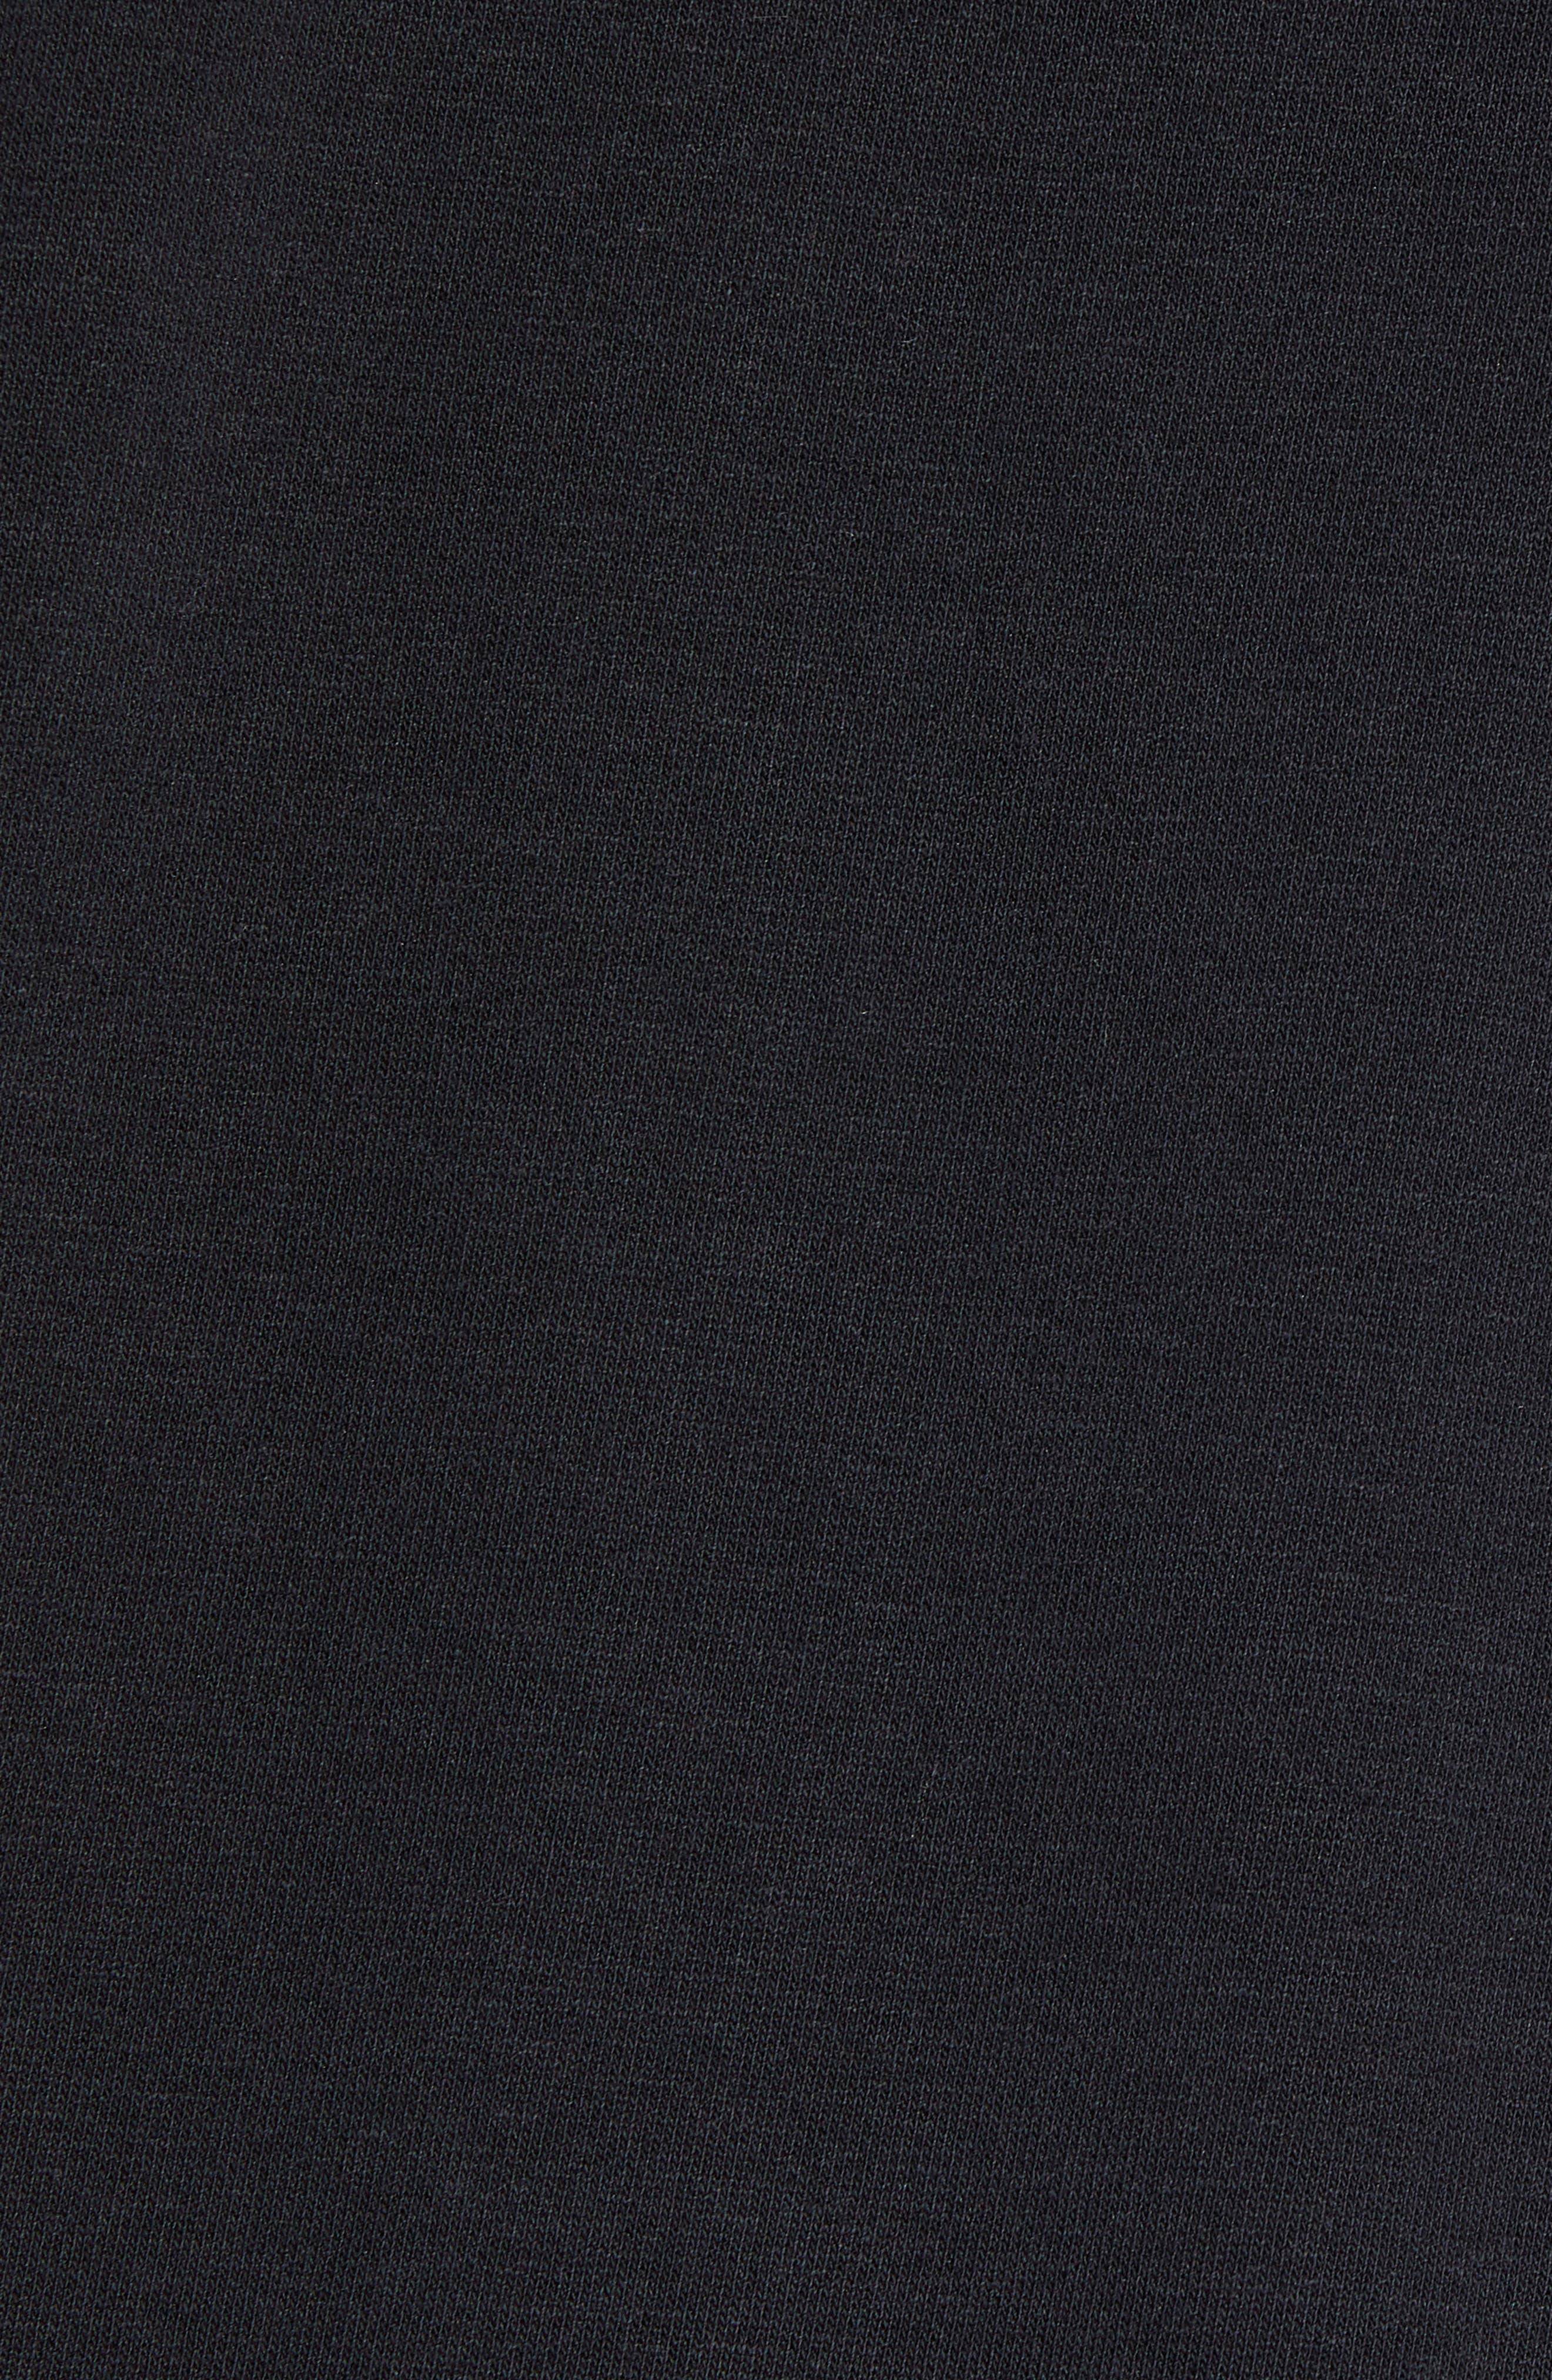 Sportswear Air Force 1 Full Zip Hoodie,                             Alternate thumbnail 5, color,                             010